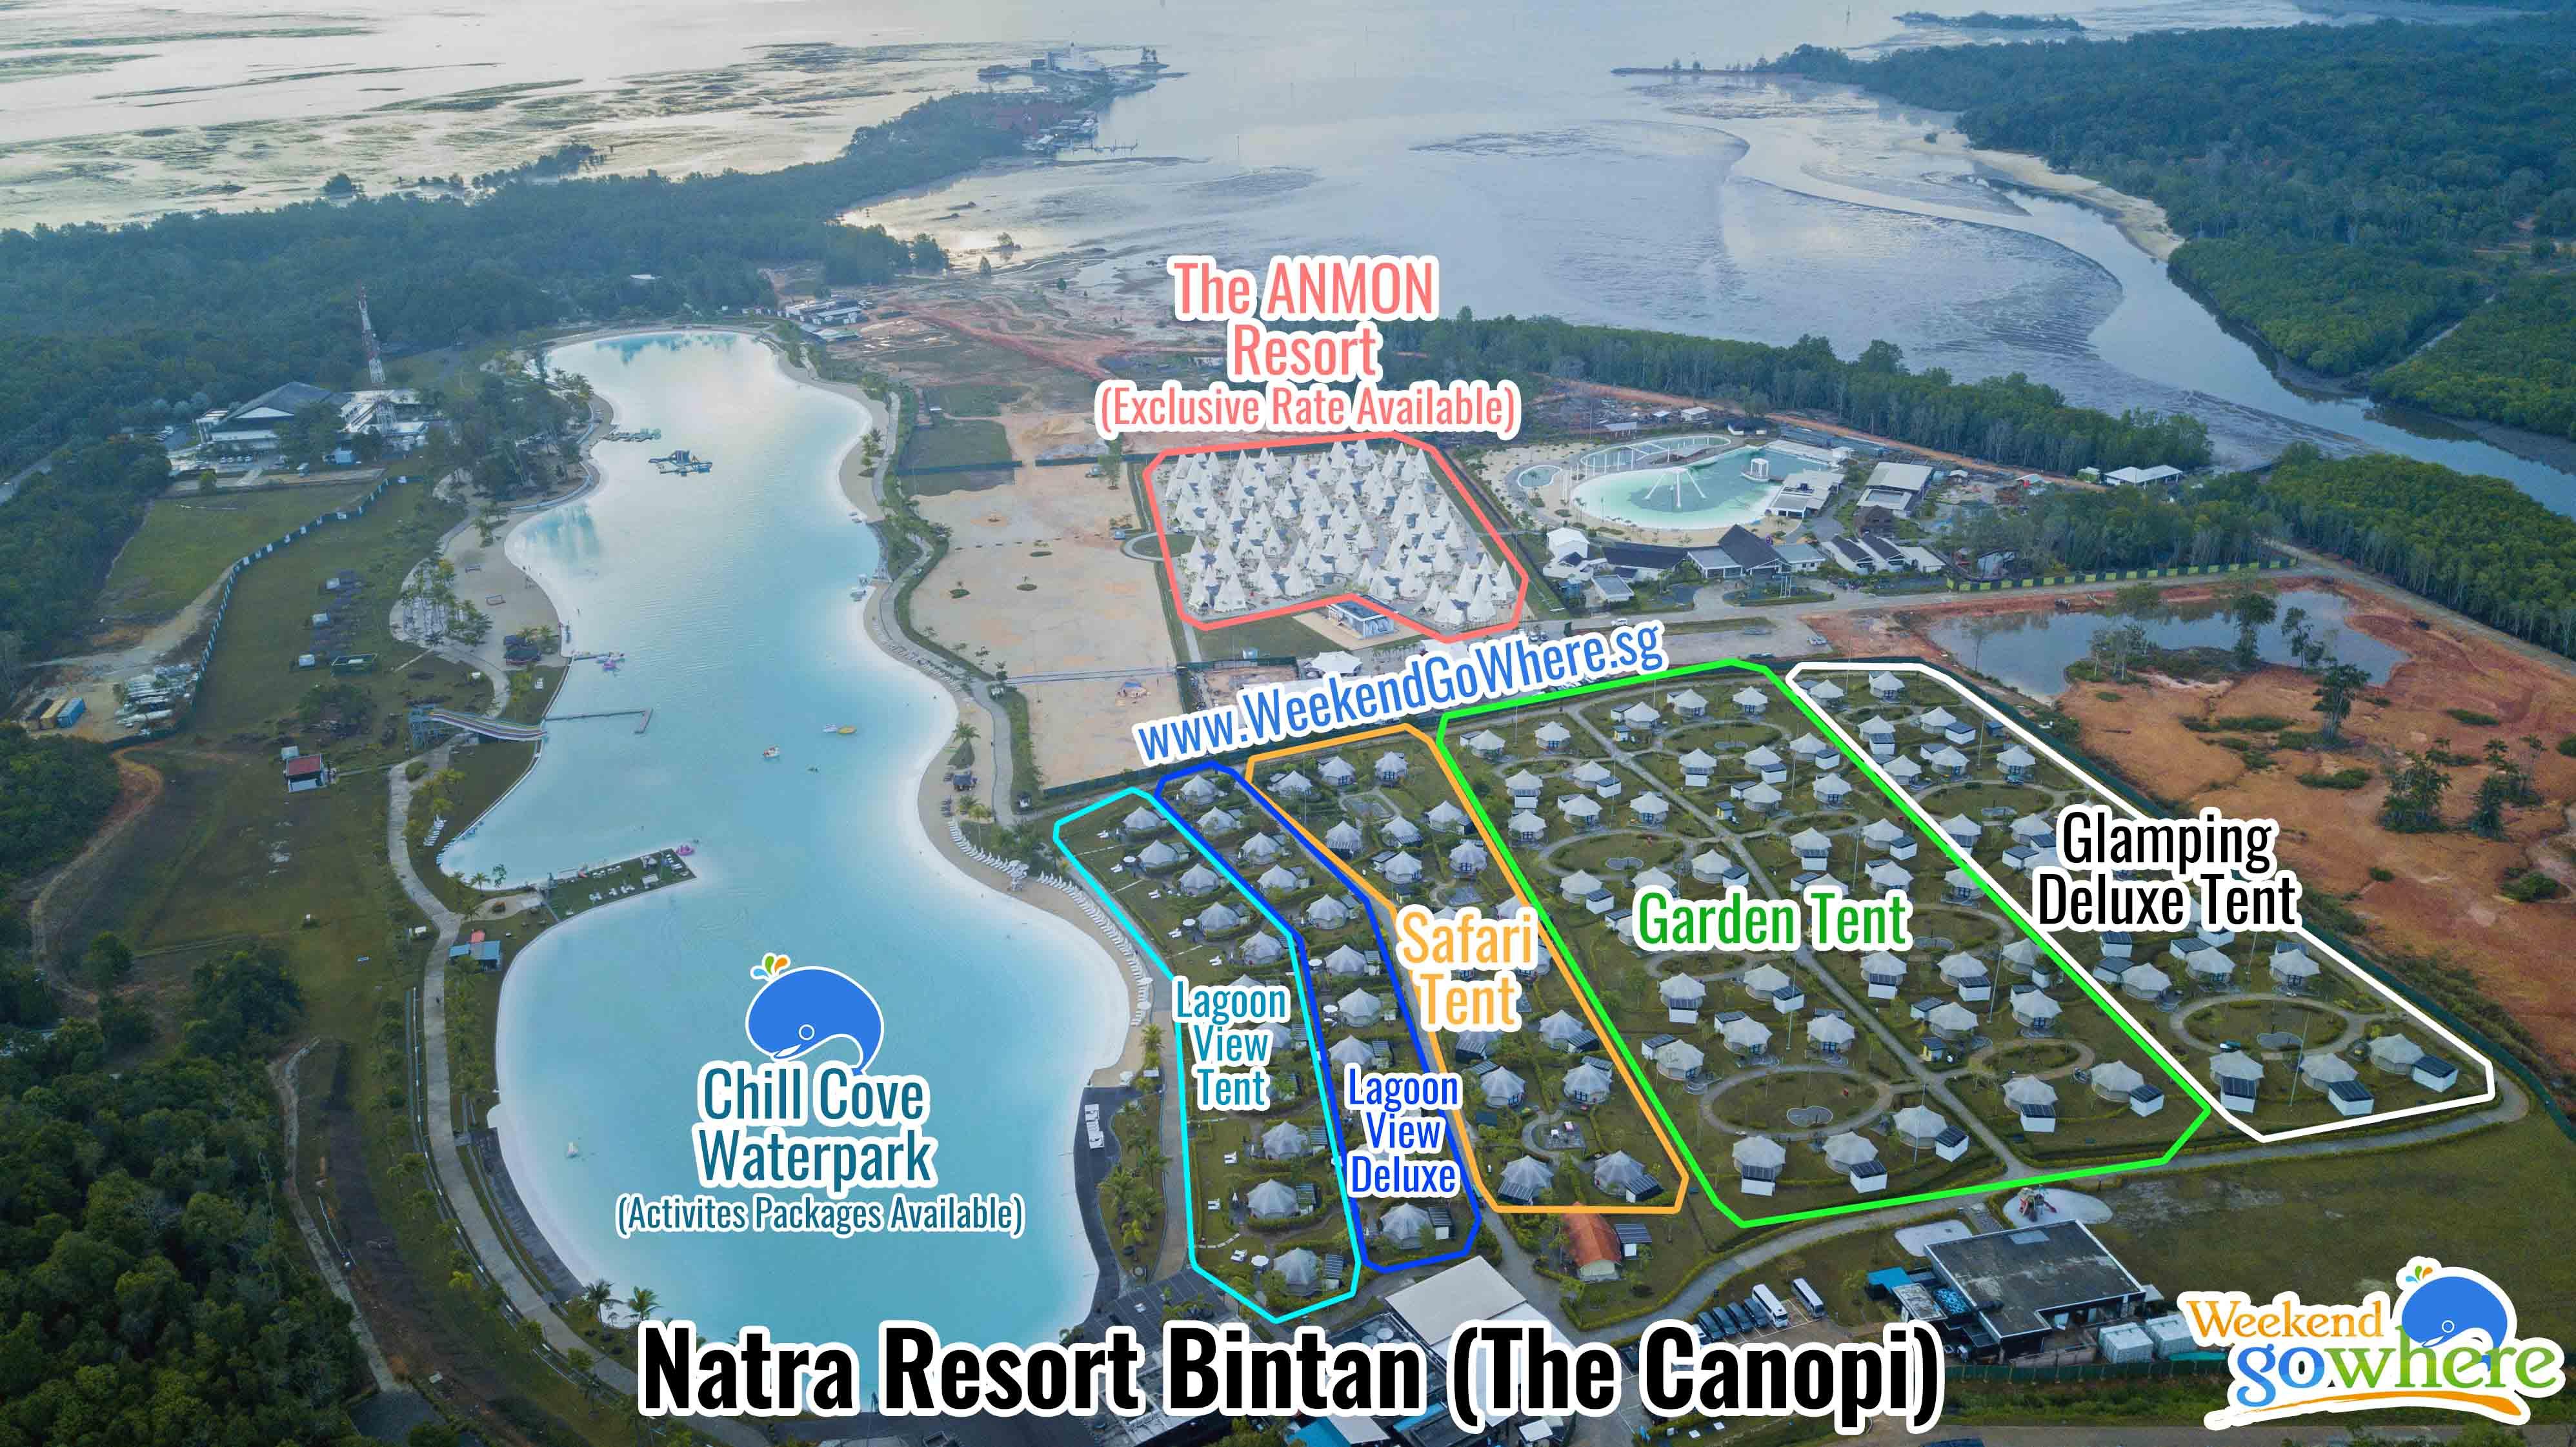 Bintan | The Canopi (Natra Bintan) + Ferry